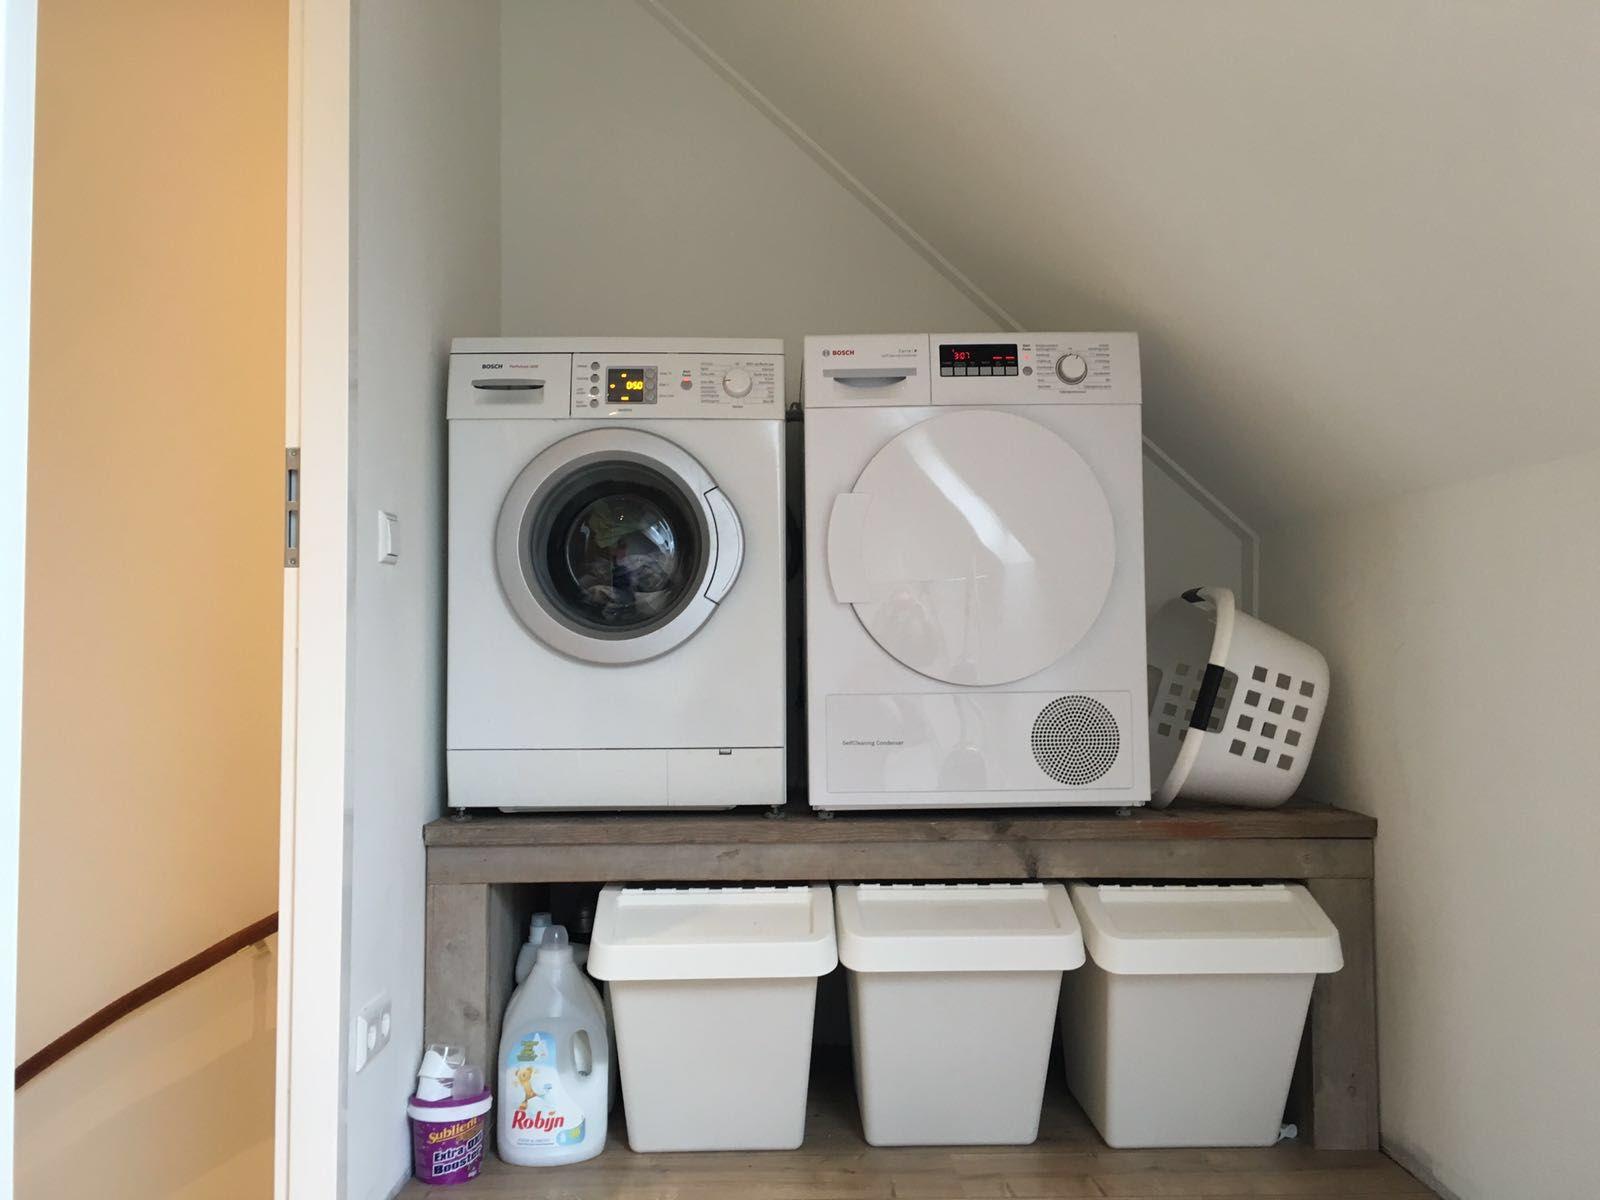 Onze mooie wasmachine en droger verhoging met ikea wasmanden eronder steigerhout berging - Onze mooie ideeen ...